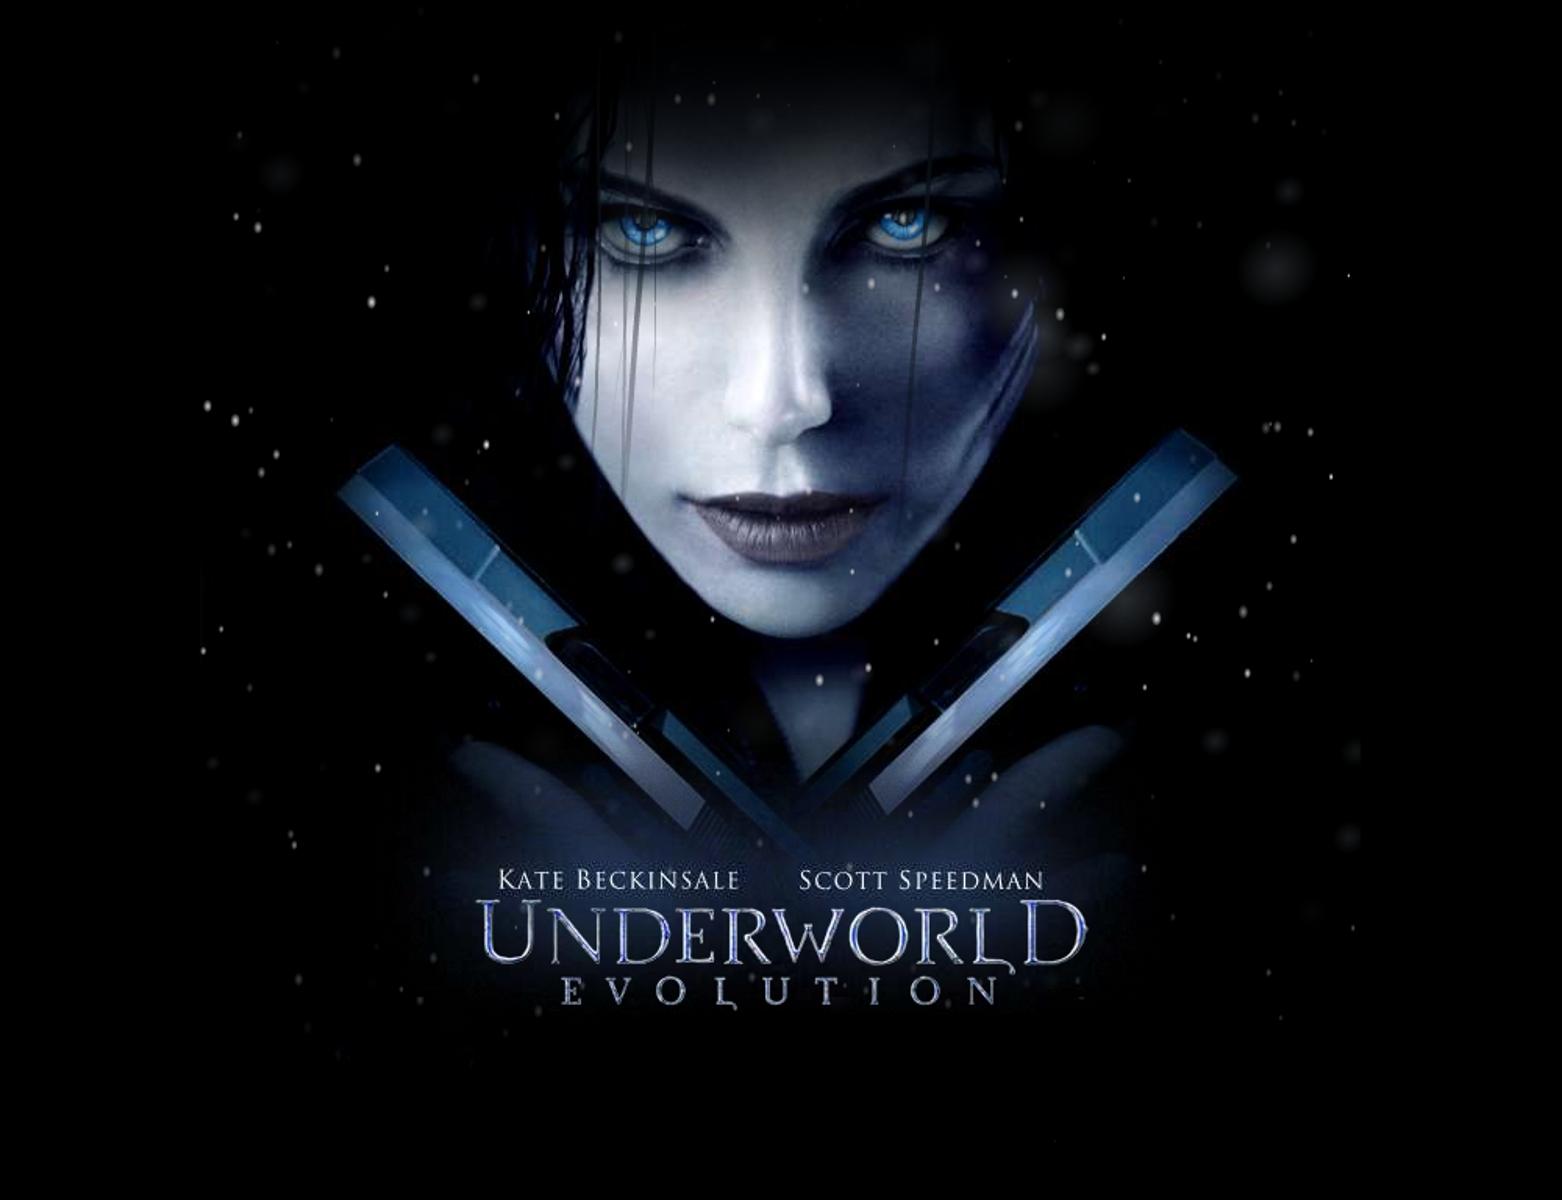 Underworld Evolution Wallpapers Movie Hq Underworld Evolution Pictures 4k Wallpapers 2019